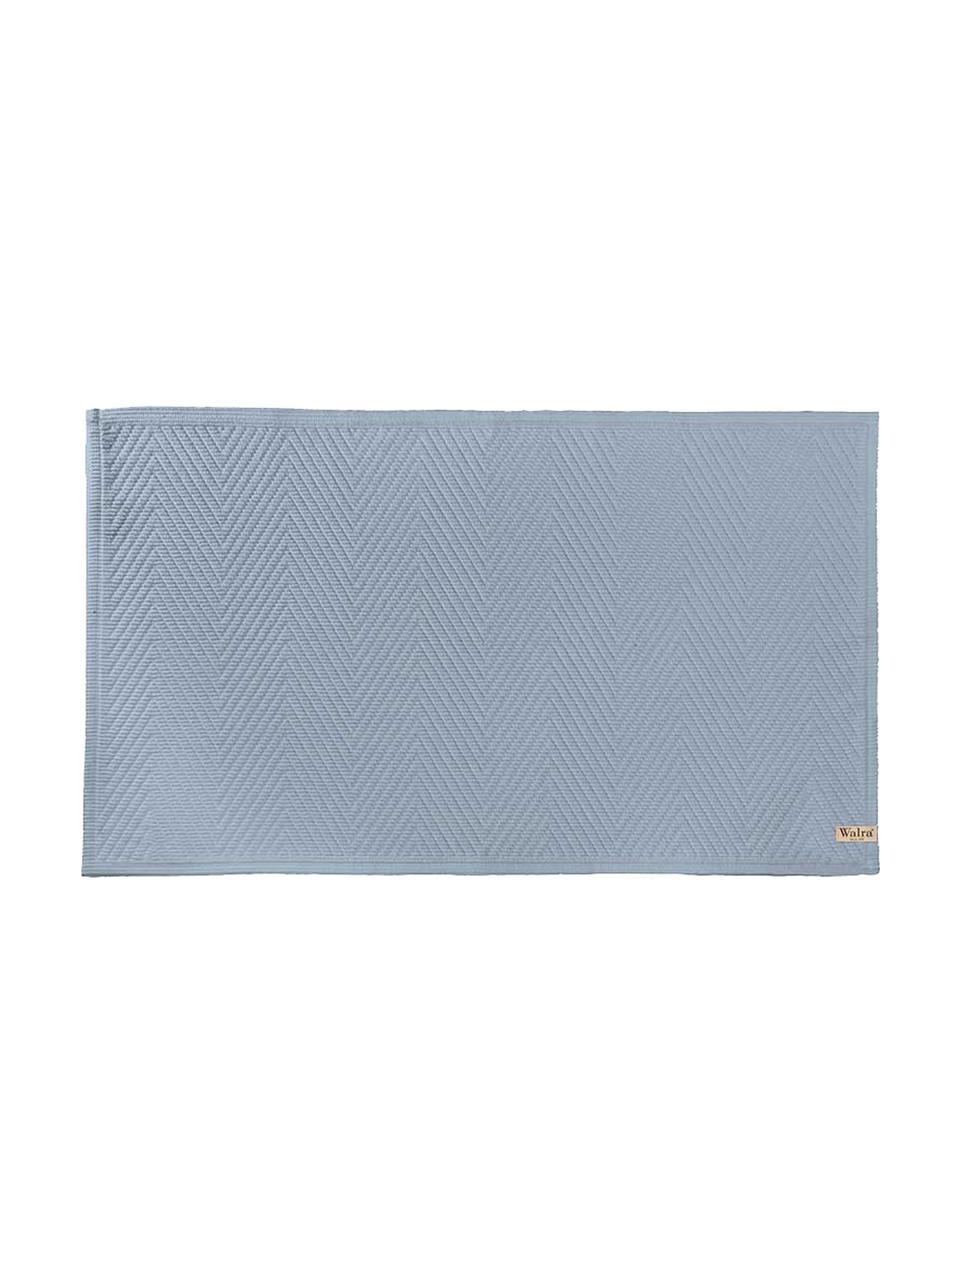 Tappeto bagno con motivo spina di pesce Soft Cotton, Cotone, Blu, Larg. 60 x Lung. 100 cm